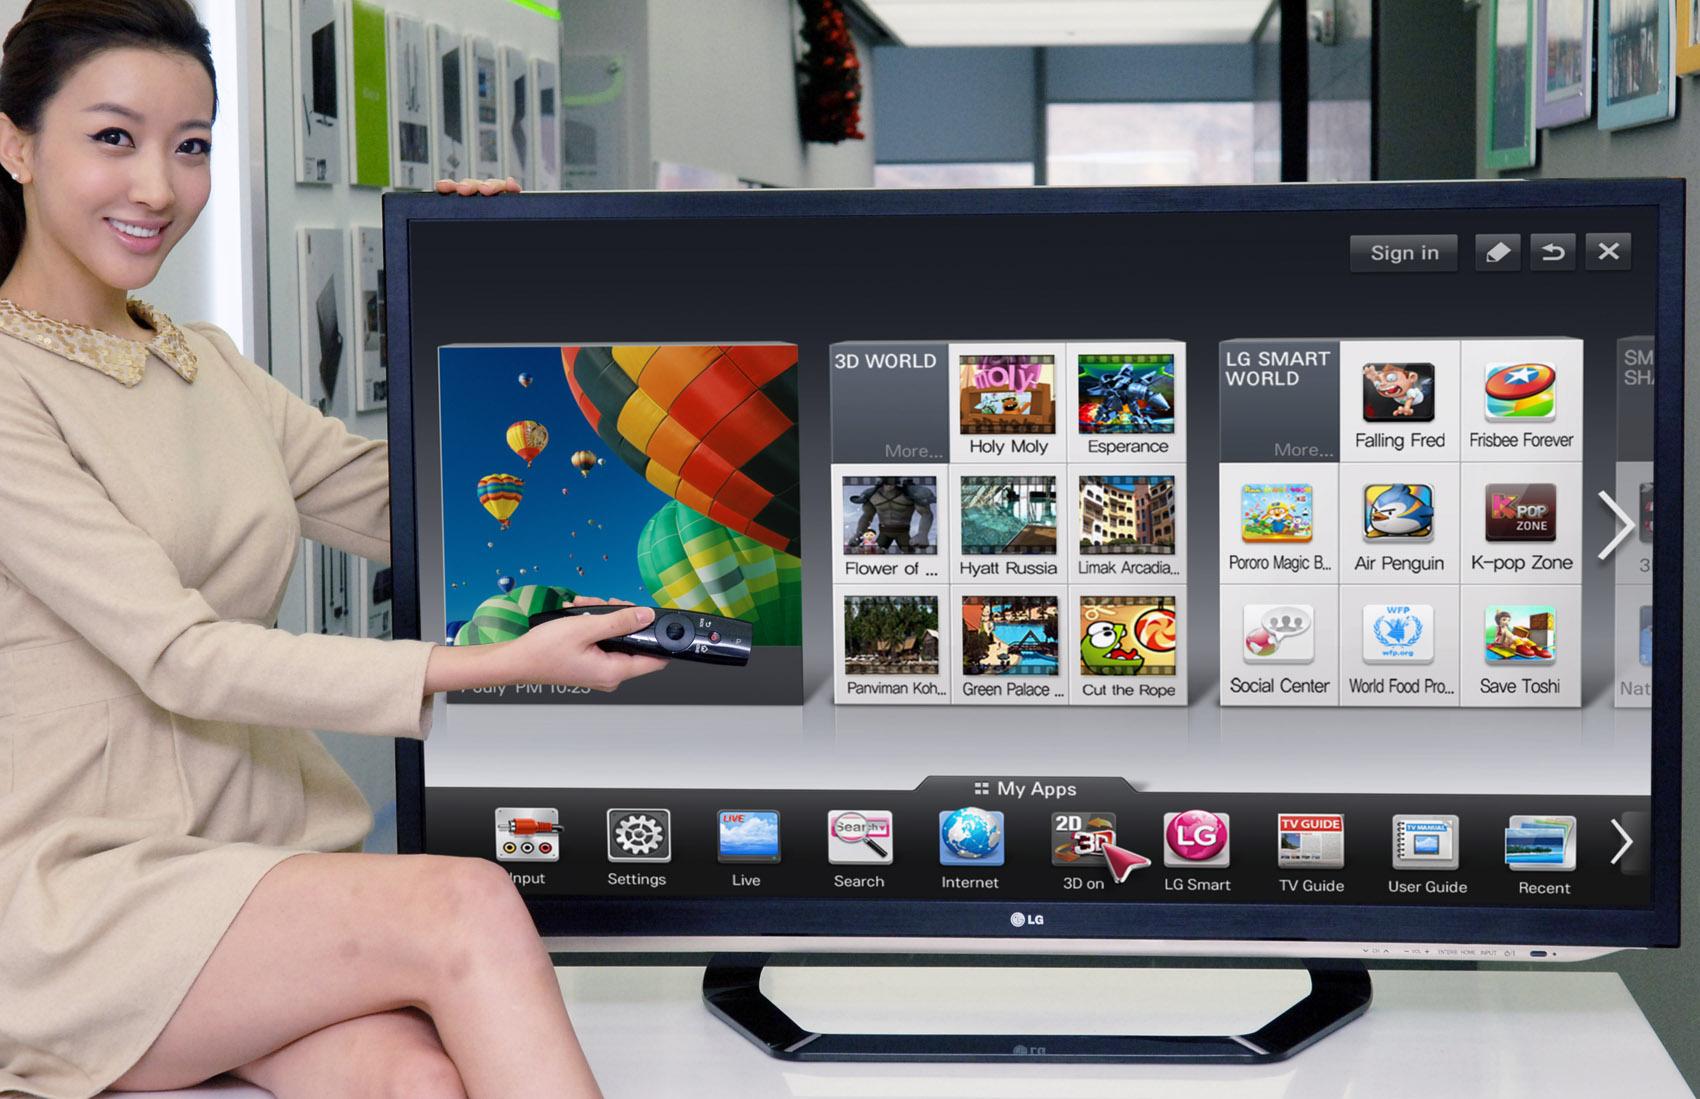 Какими бывают матрицы для телевизора и какая из них лучше